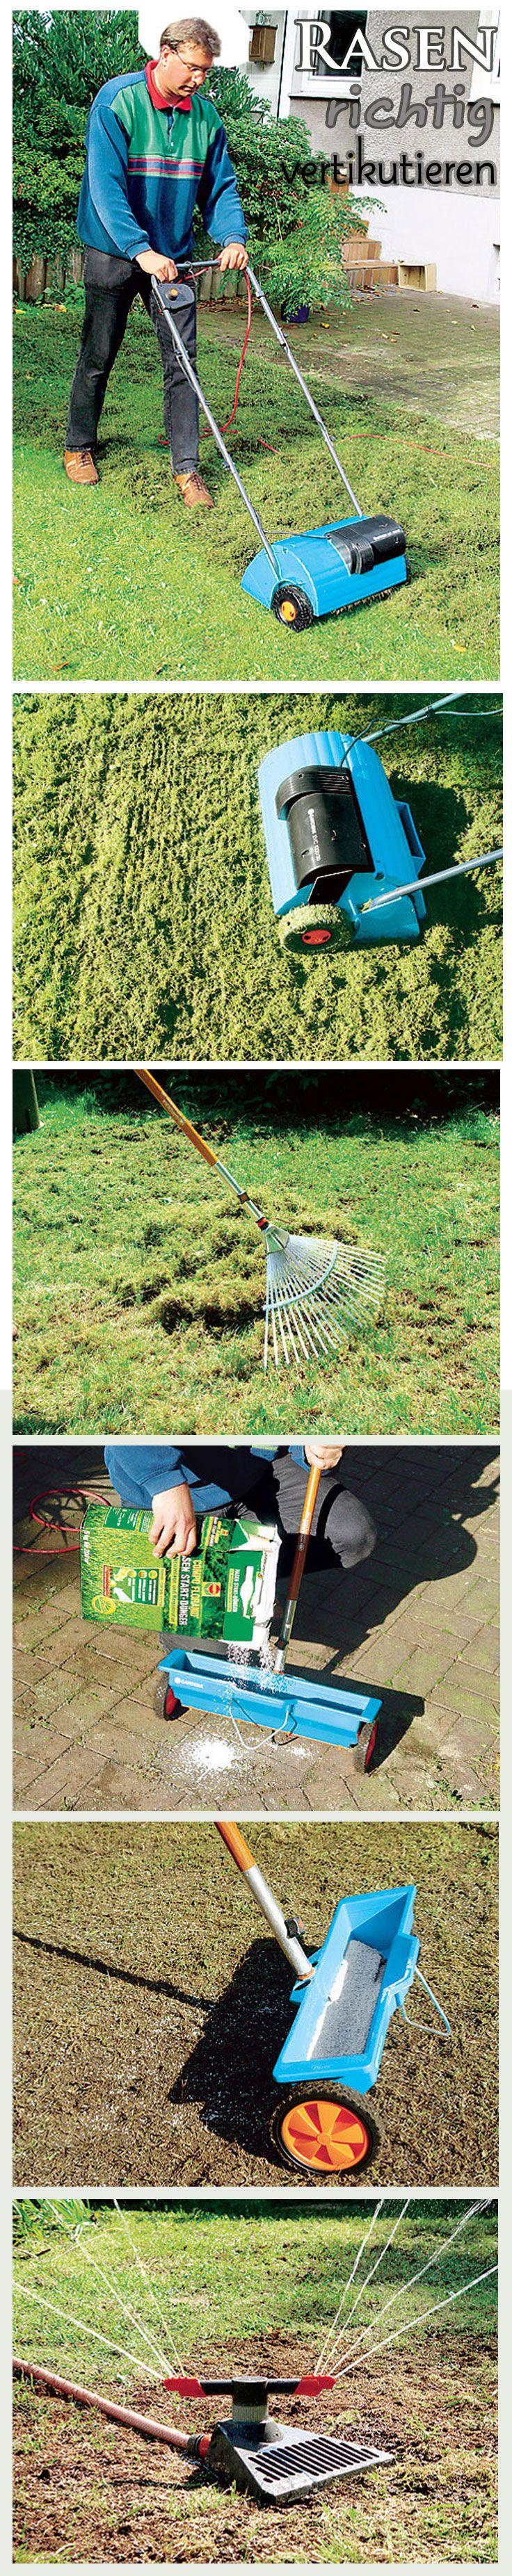 Marvelous Nur den Rasen zu m hen reicht nicht Ab und an sollte man den Rasen auch